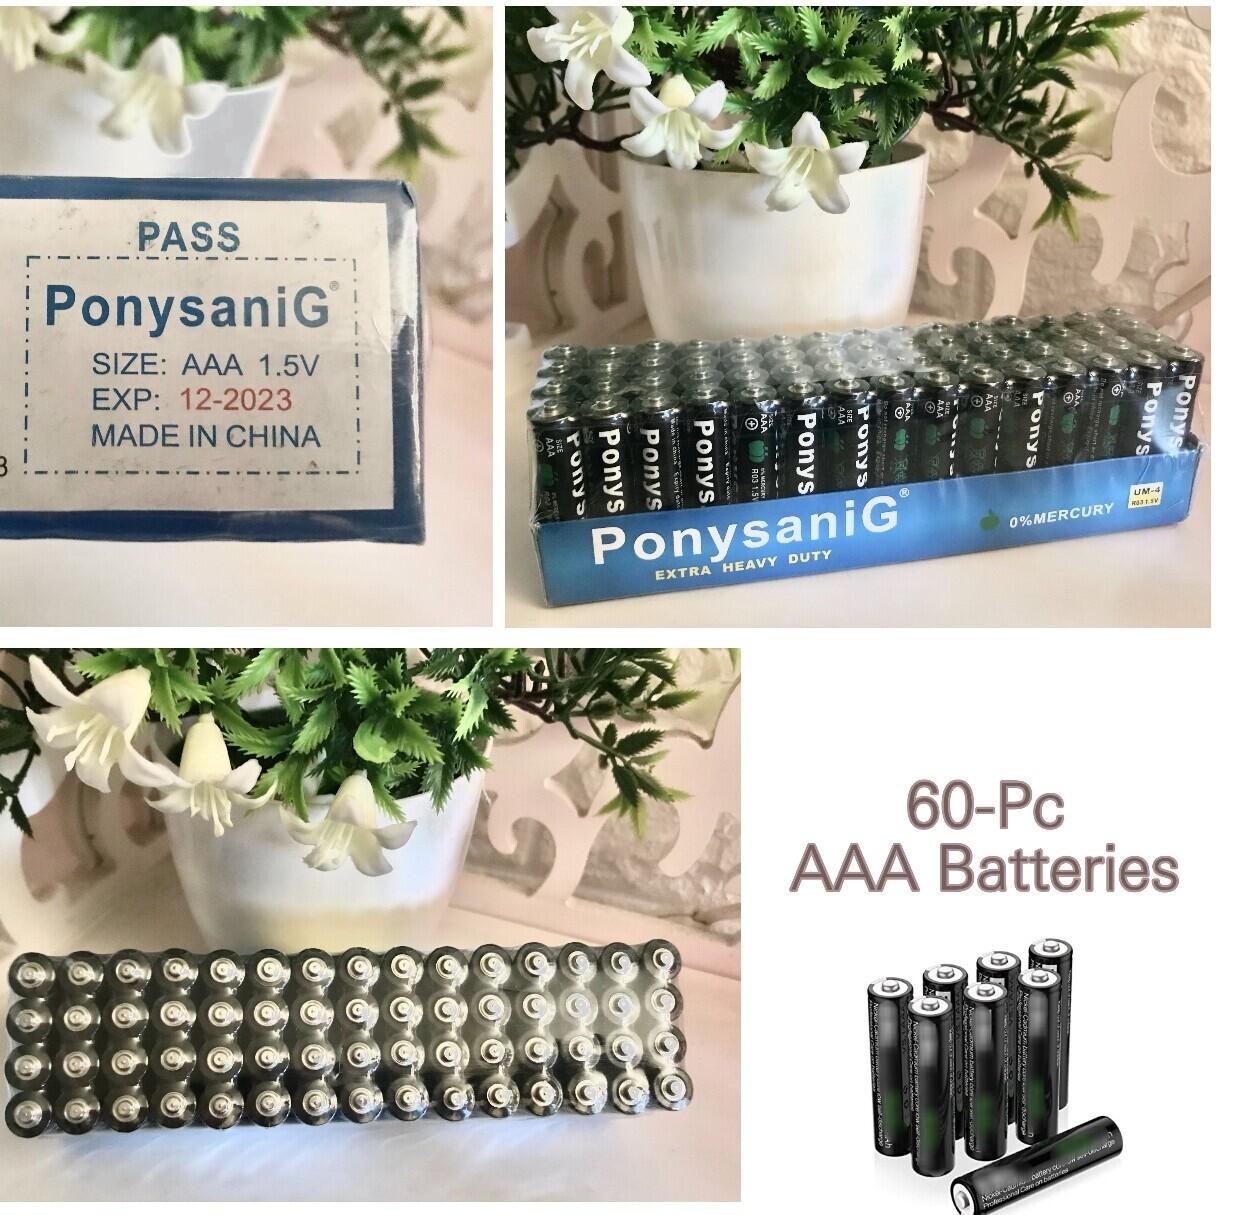 60-Pc AAA Batteries